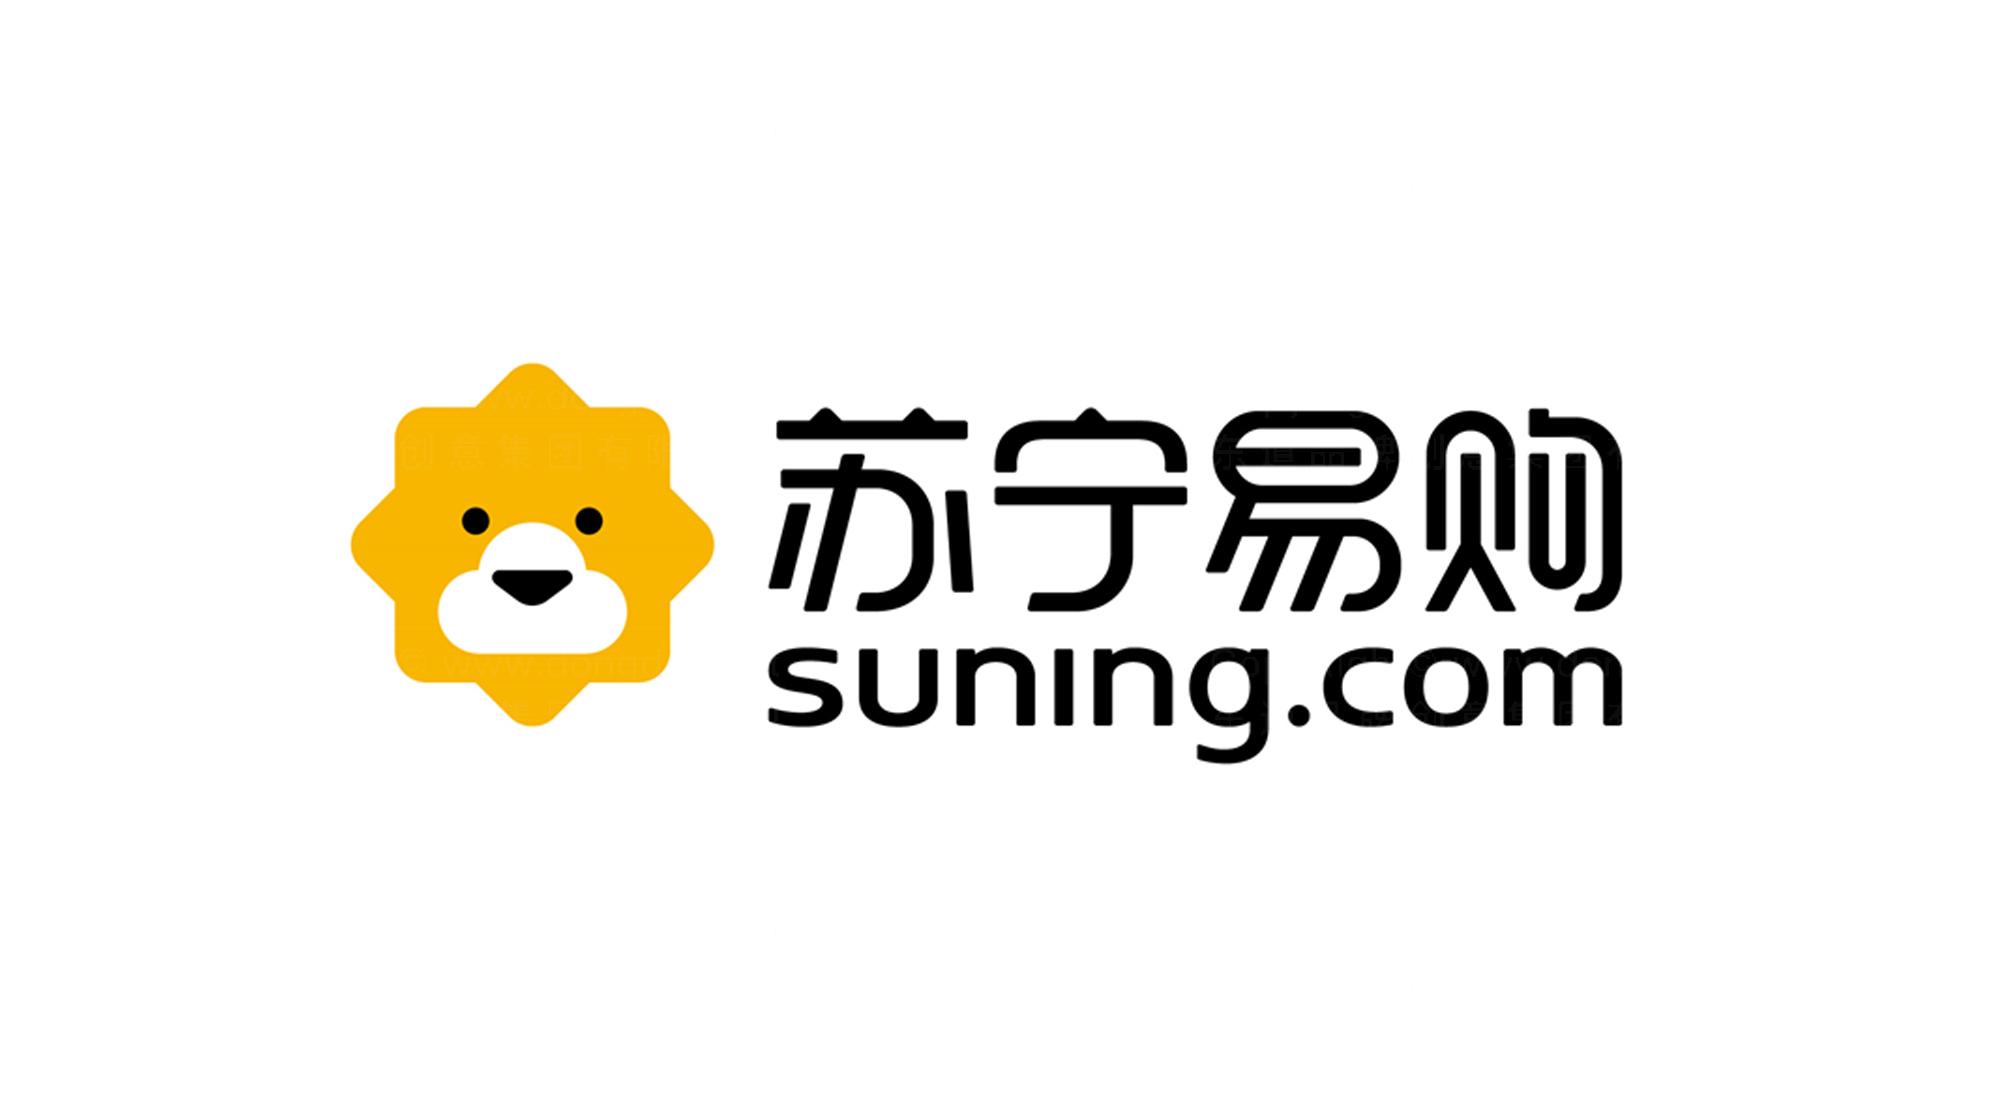 品牌设计案例苏宁LOGO&VI设计